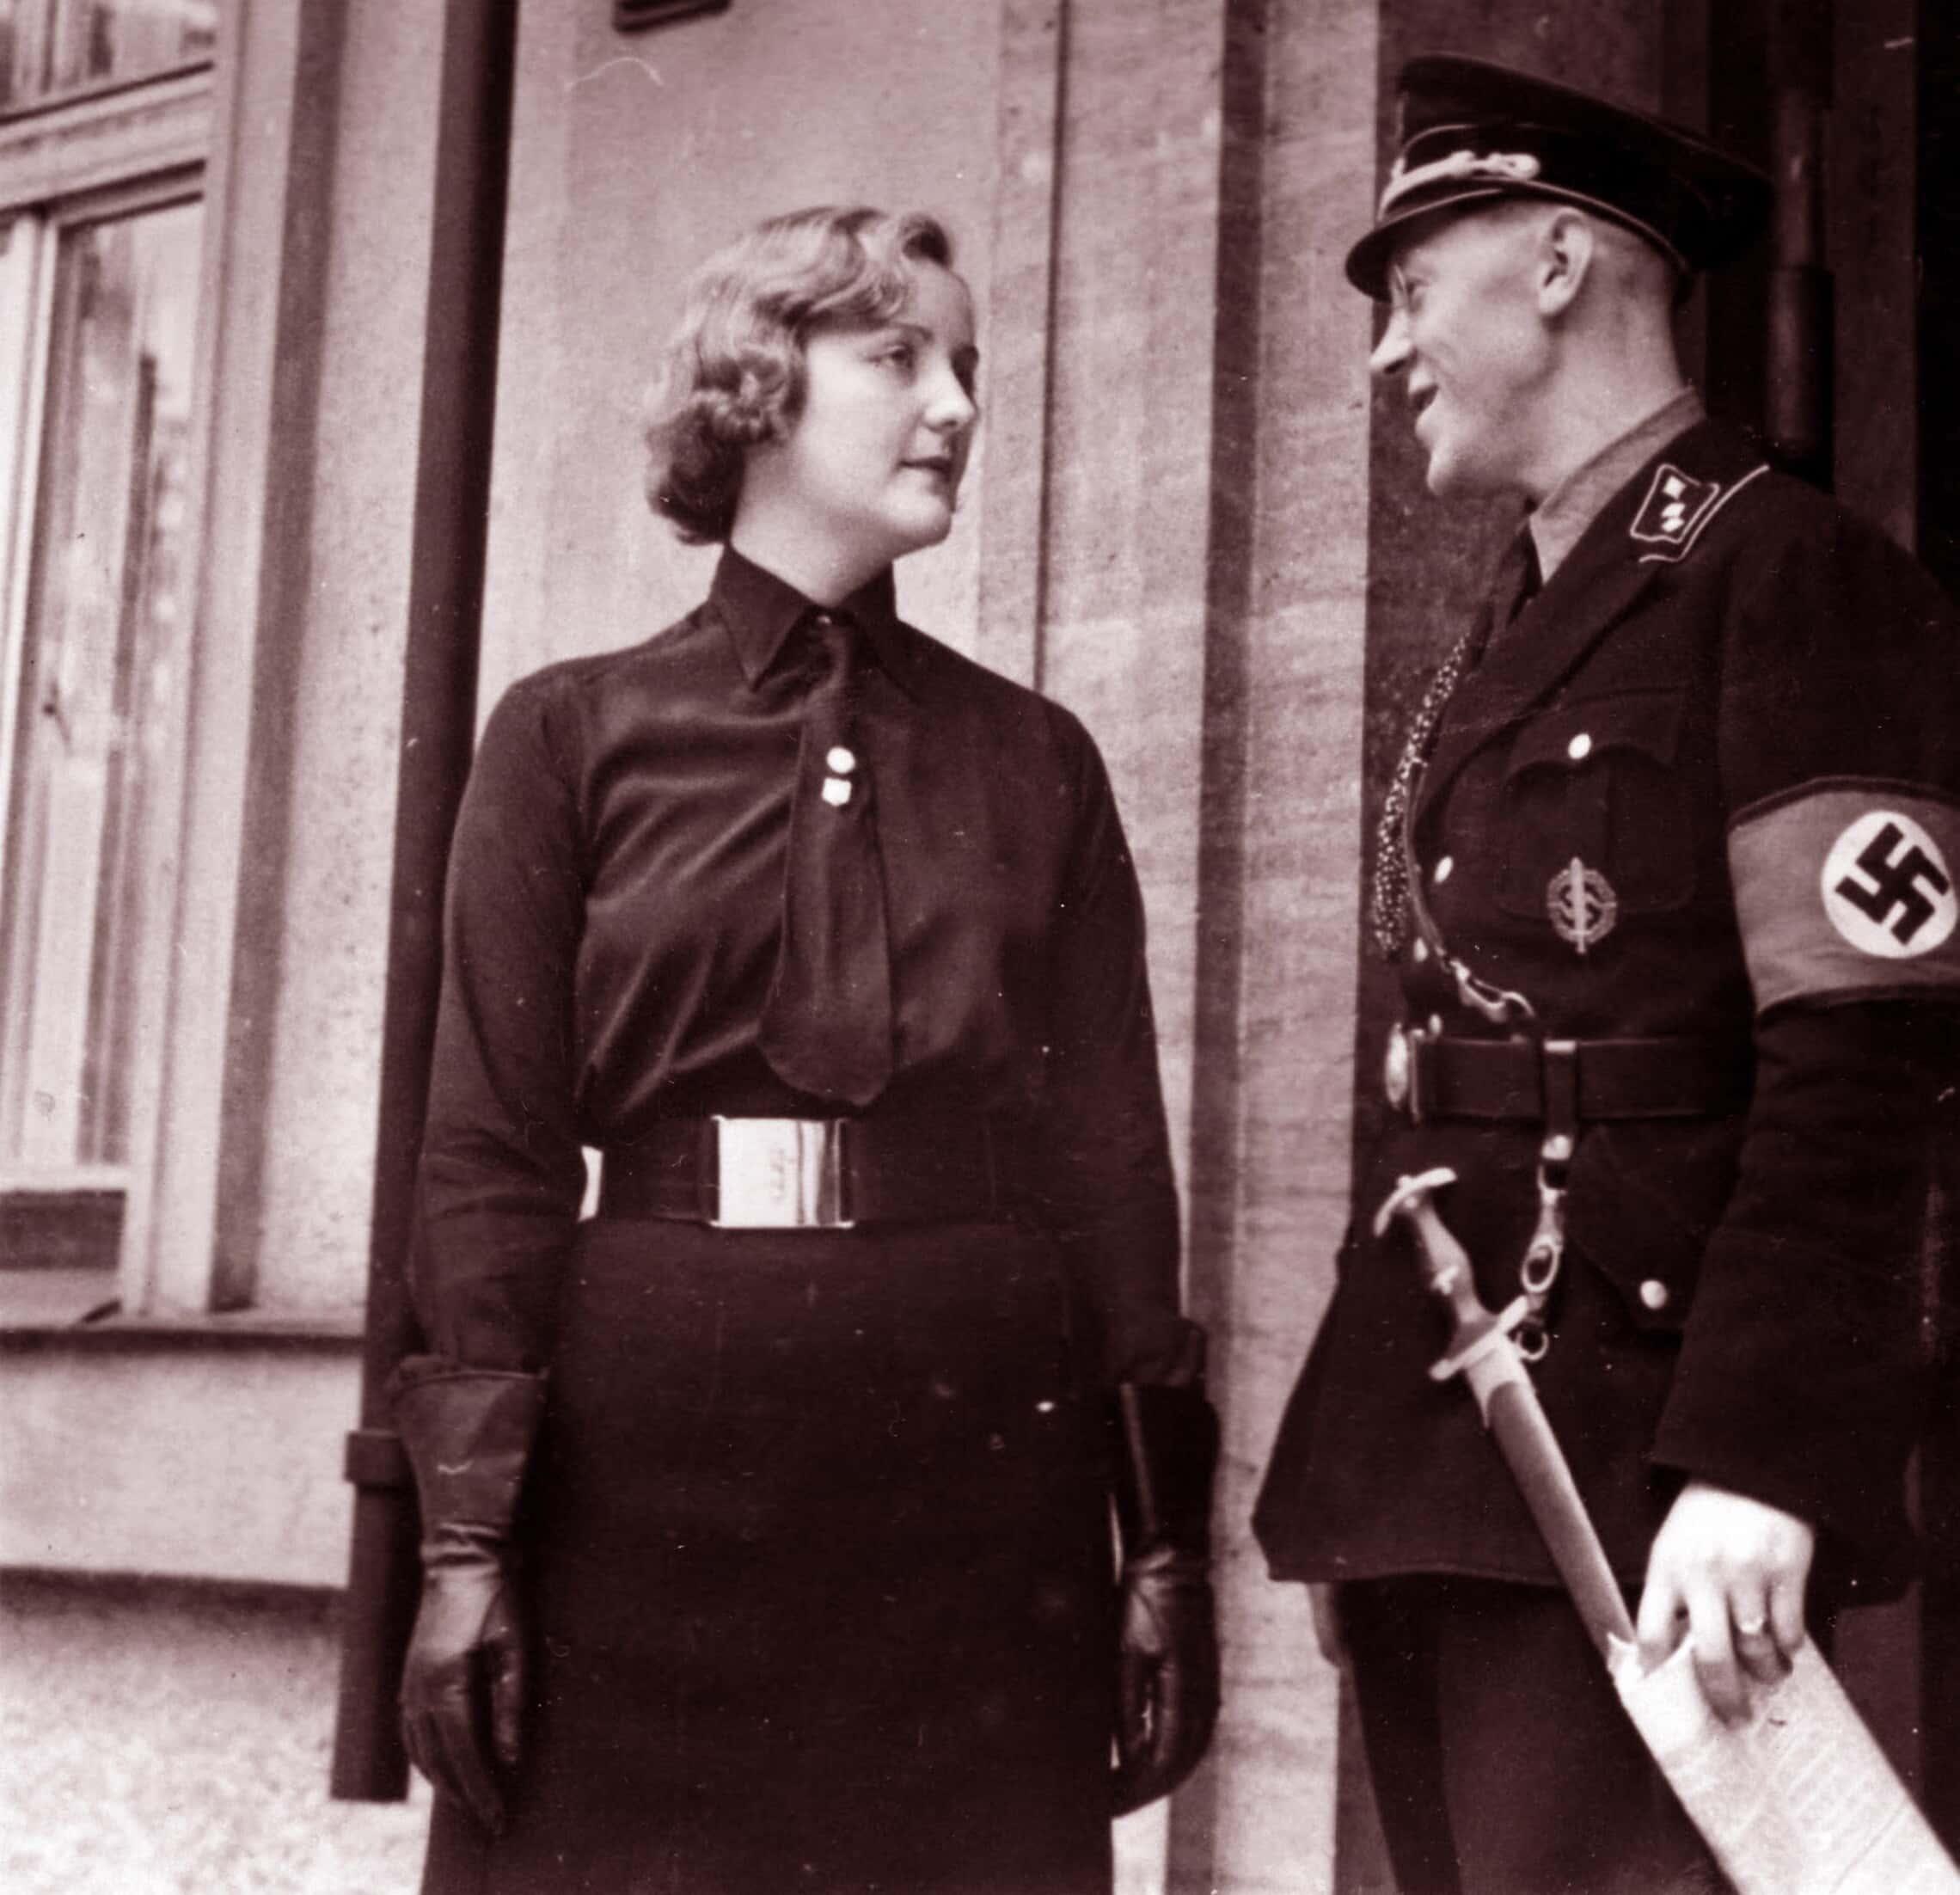 יוניטי מיטפורד עם פריץ שטדלמן, אחד מעוזריו של היטלר, בברלין 1933 (צילום: World History Archive / Alamy)